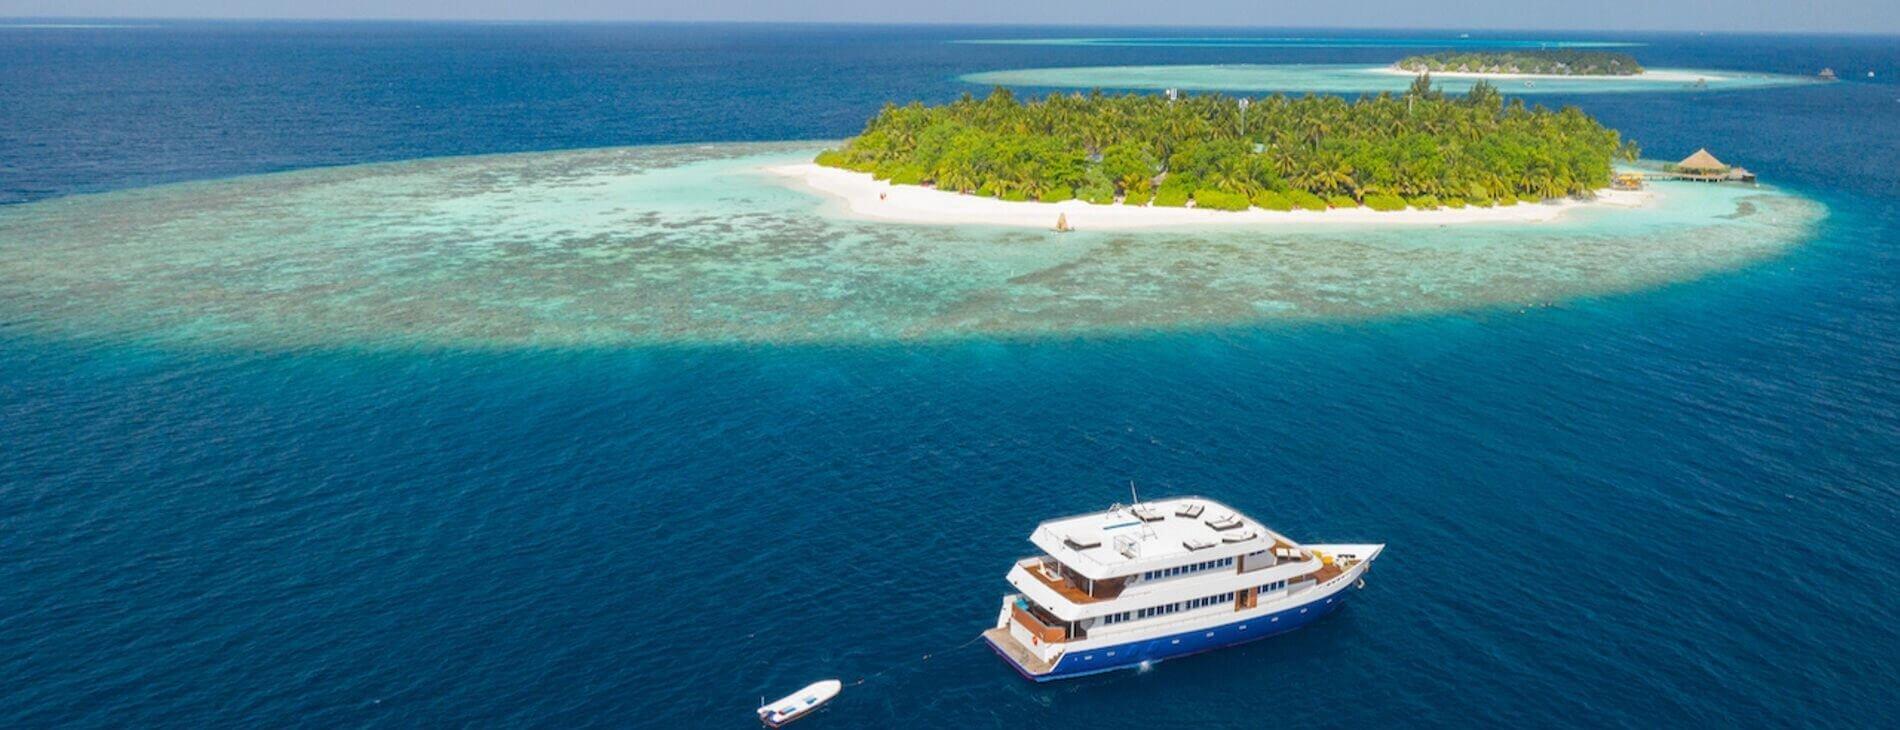 mastrosommerso-Maldives-Explorer